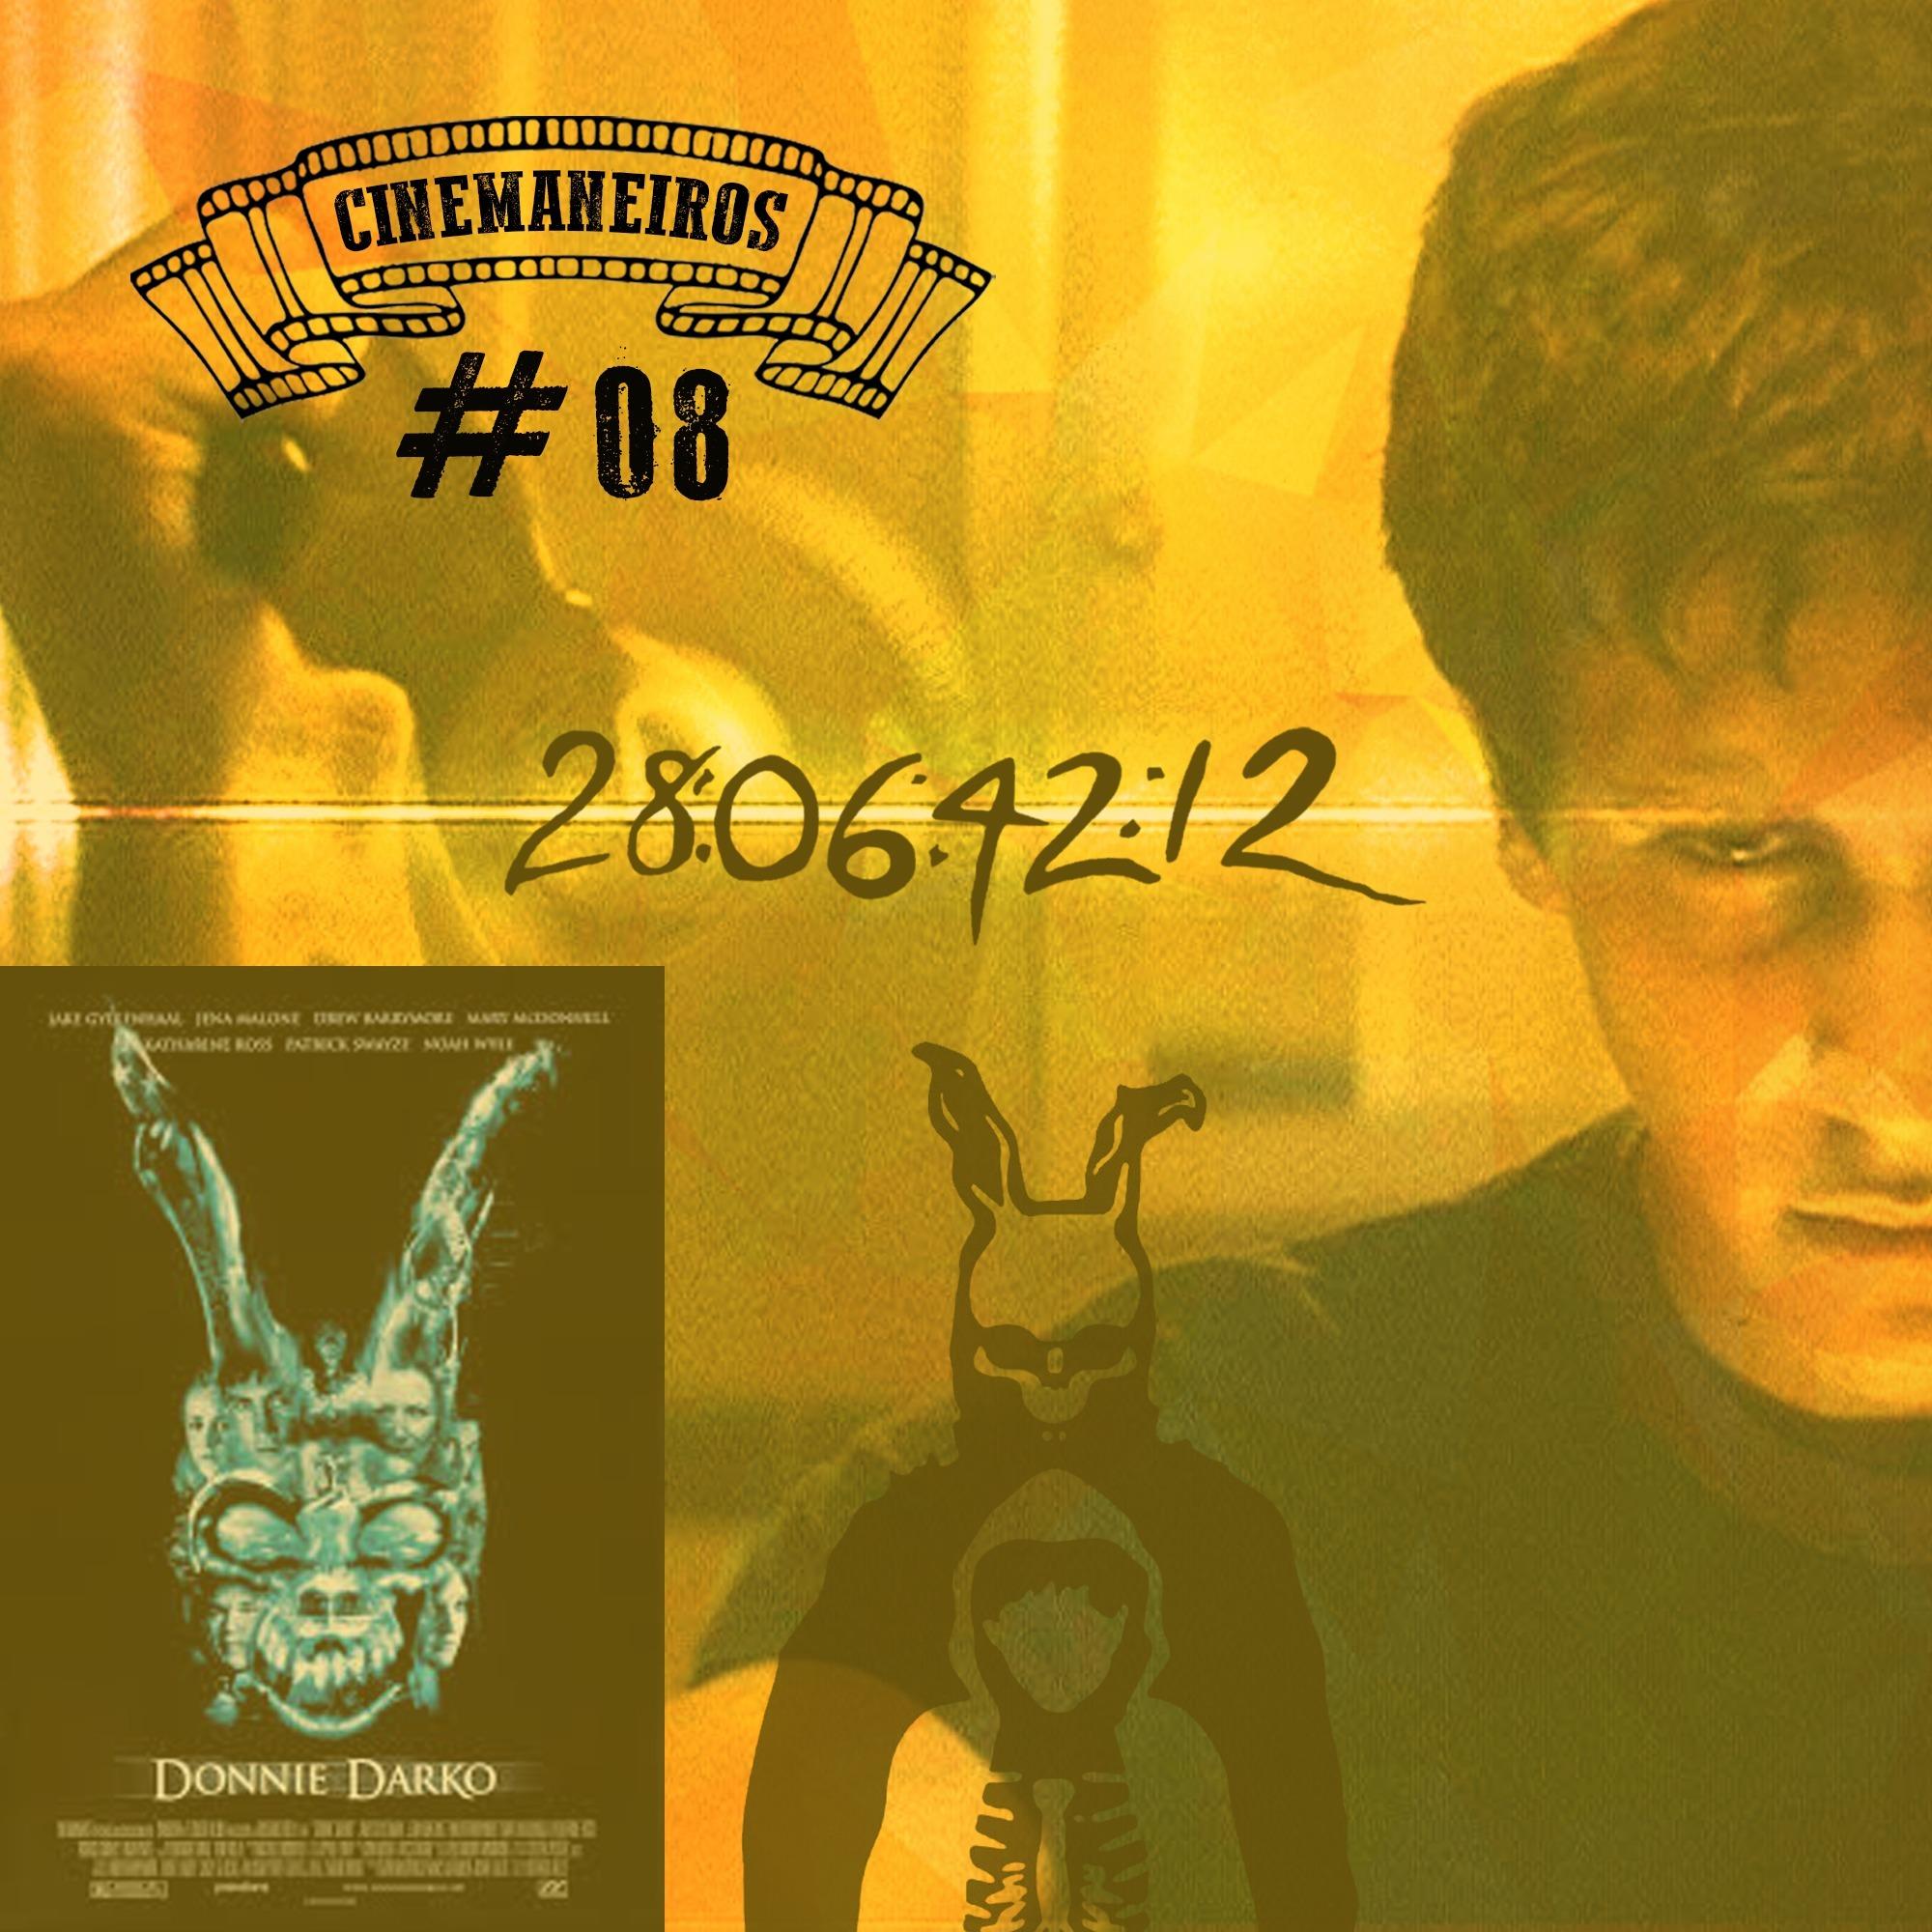 Cinemaneiros #08 Donnie Darko